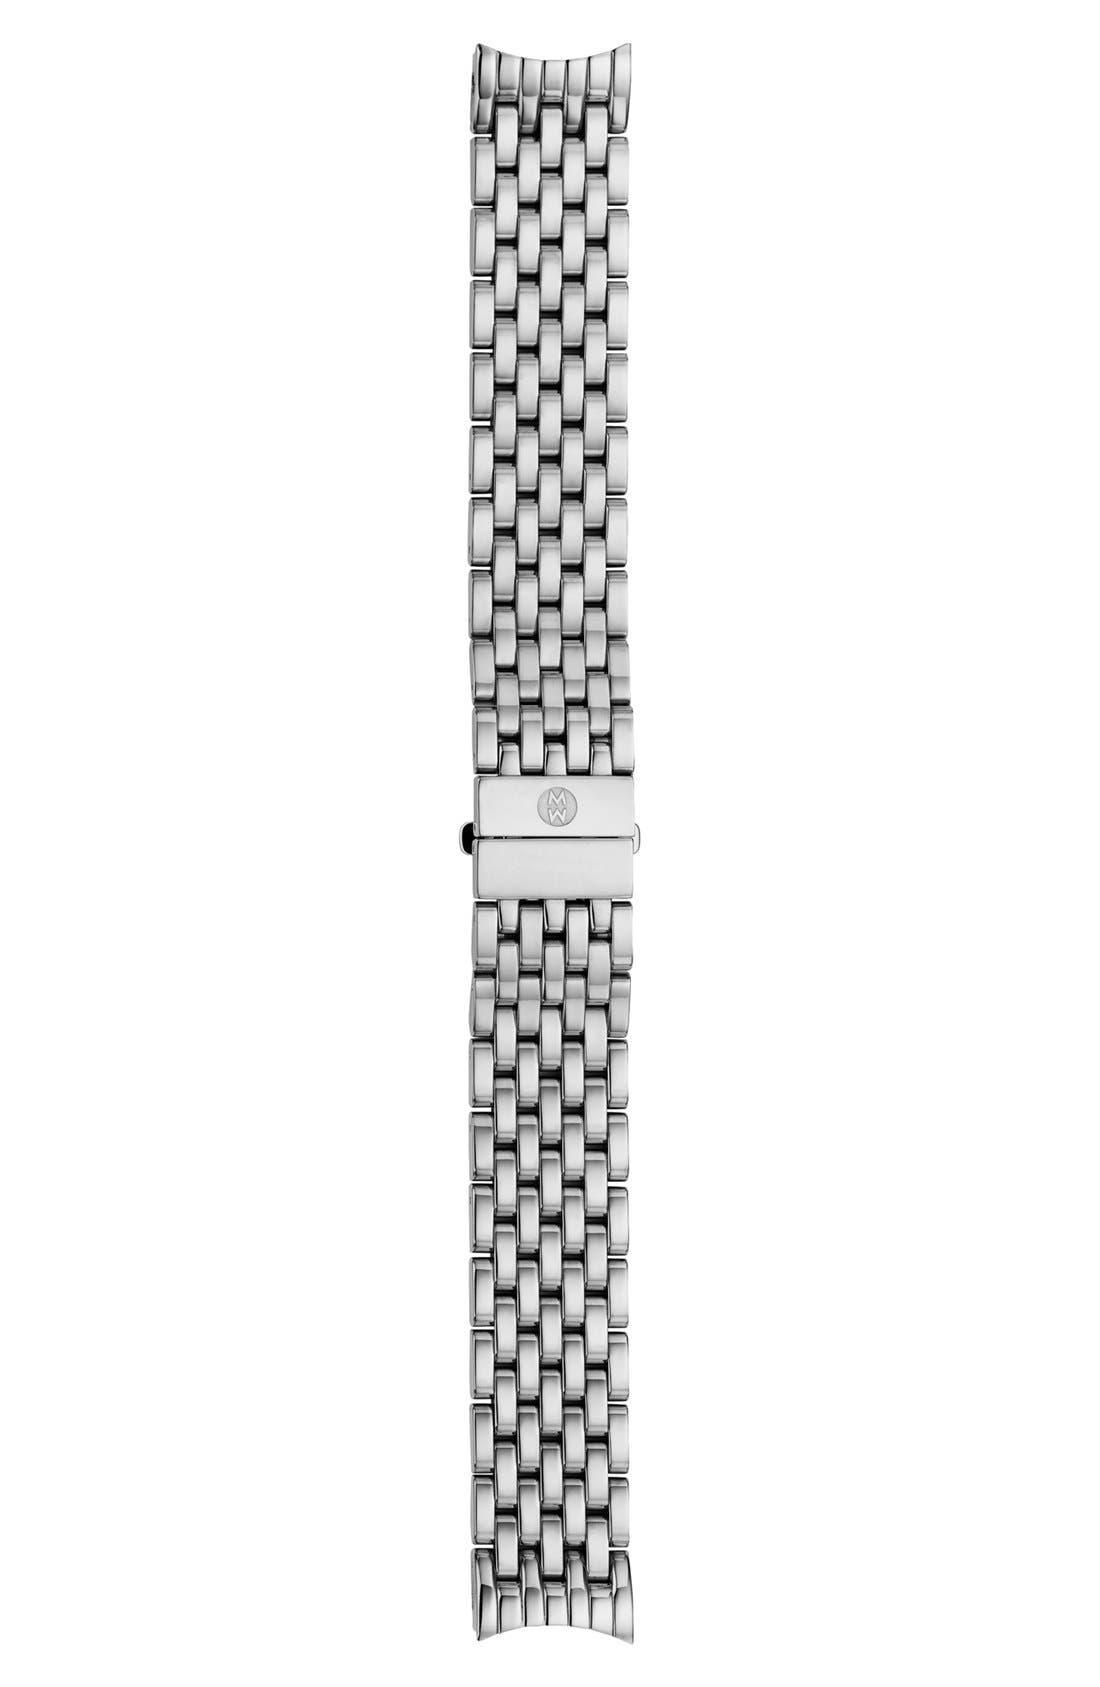 Alternate Image 3  - MICHELE 'Serein' 18mm Watch Bracelet Band